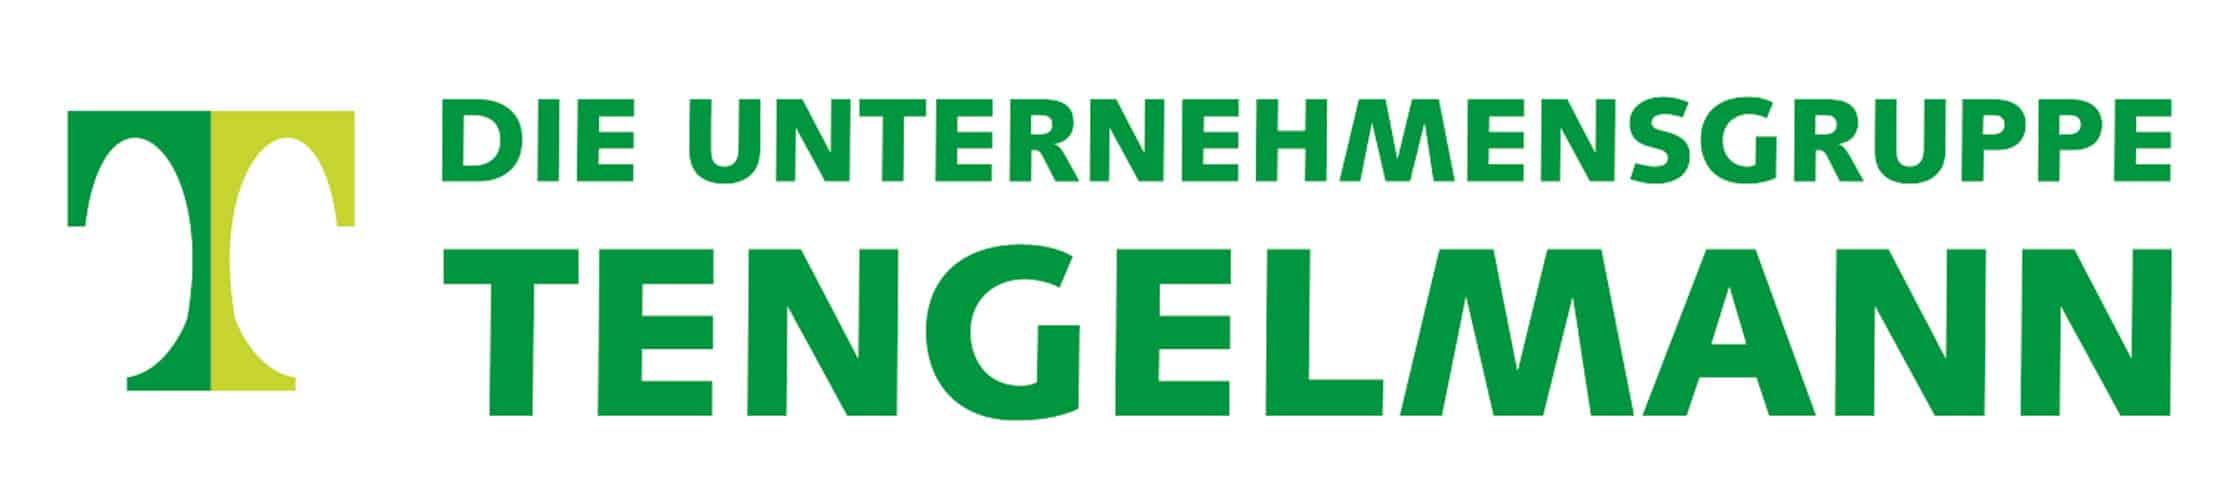 Top-Ruhr-150-Jahre-Tengelmann-11